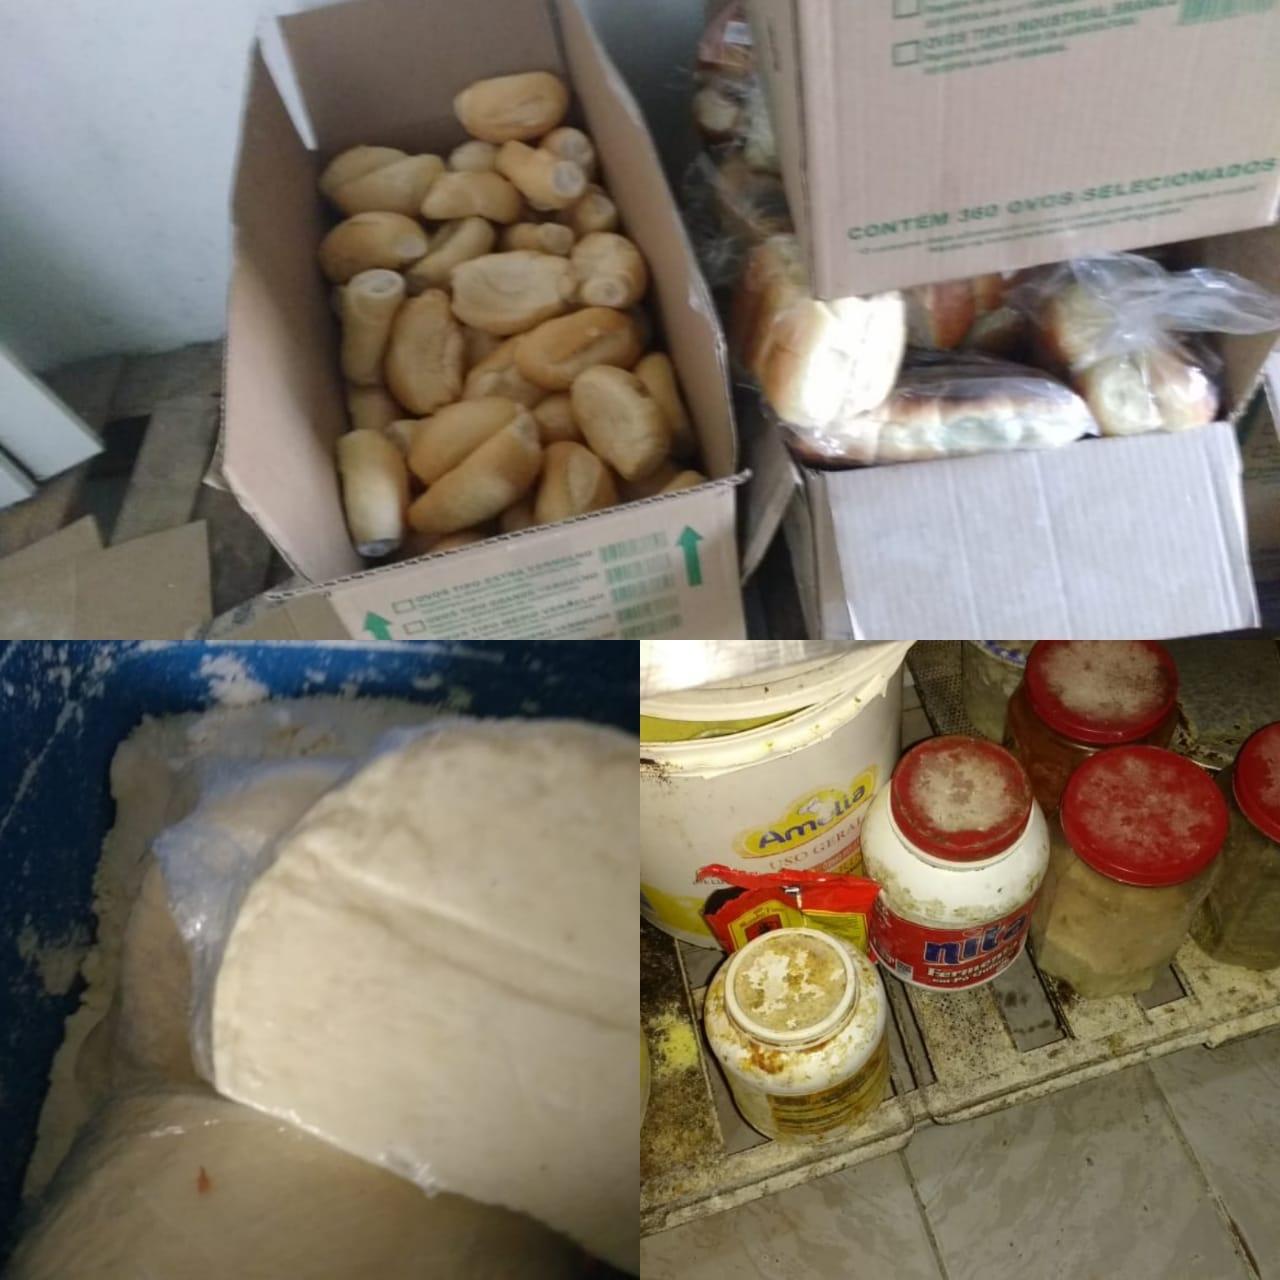 Procon Aparecida apreende mais de 300 kg de alimentos vencidos em lanchonetes e padarias